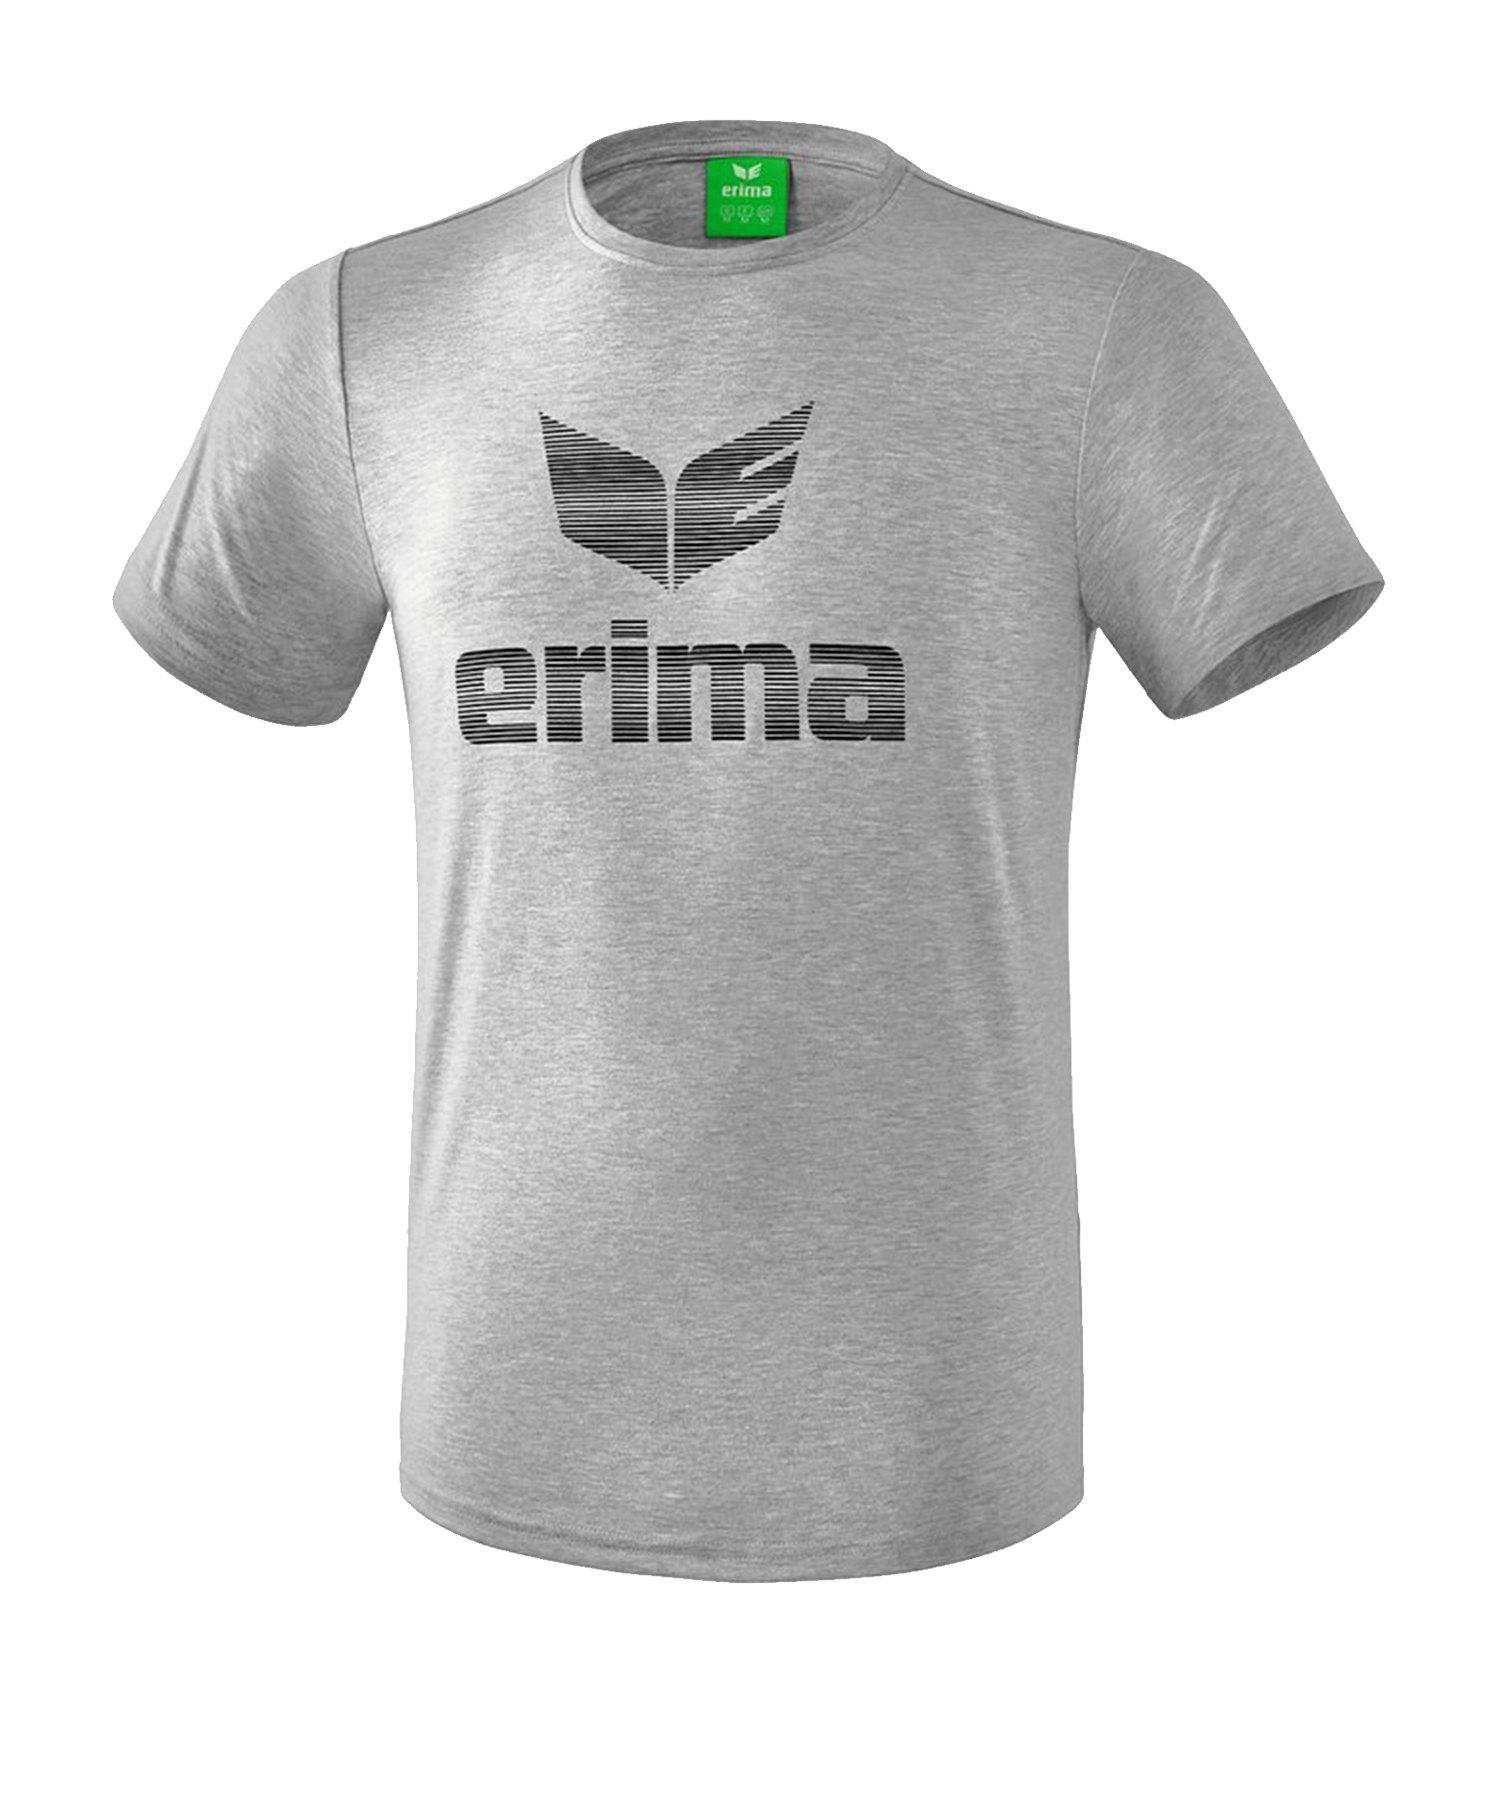 Erima Essential T-Shirt Kids Grau Schwarz - Grau